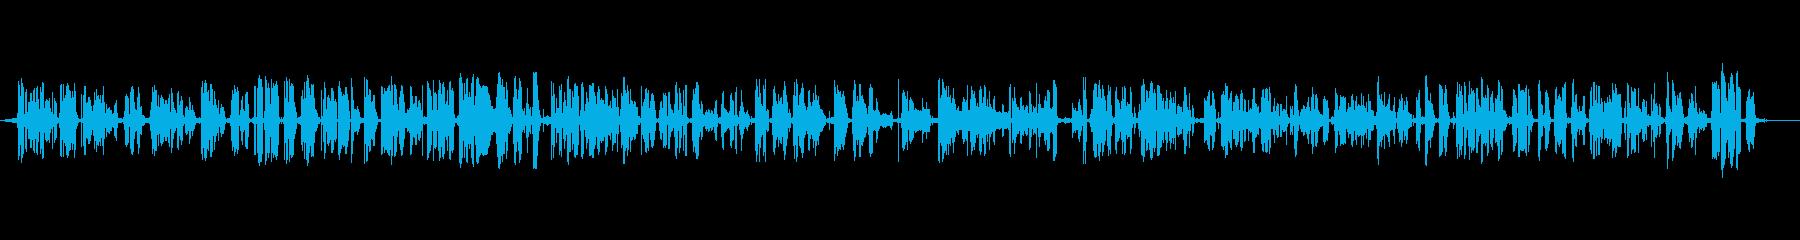 テレビ;アナウンサーと入力音を含む...の再生済みの波形